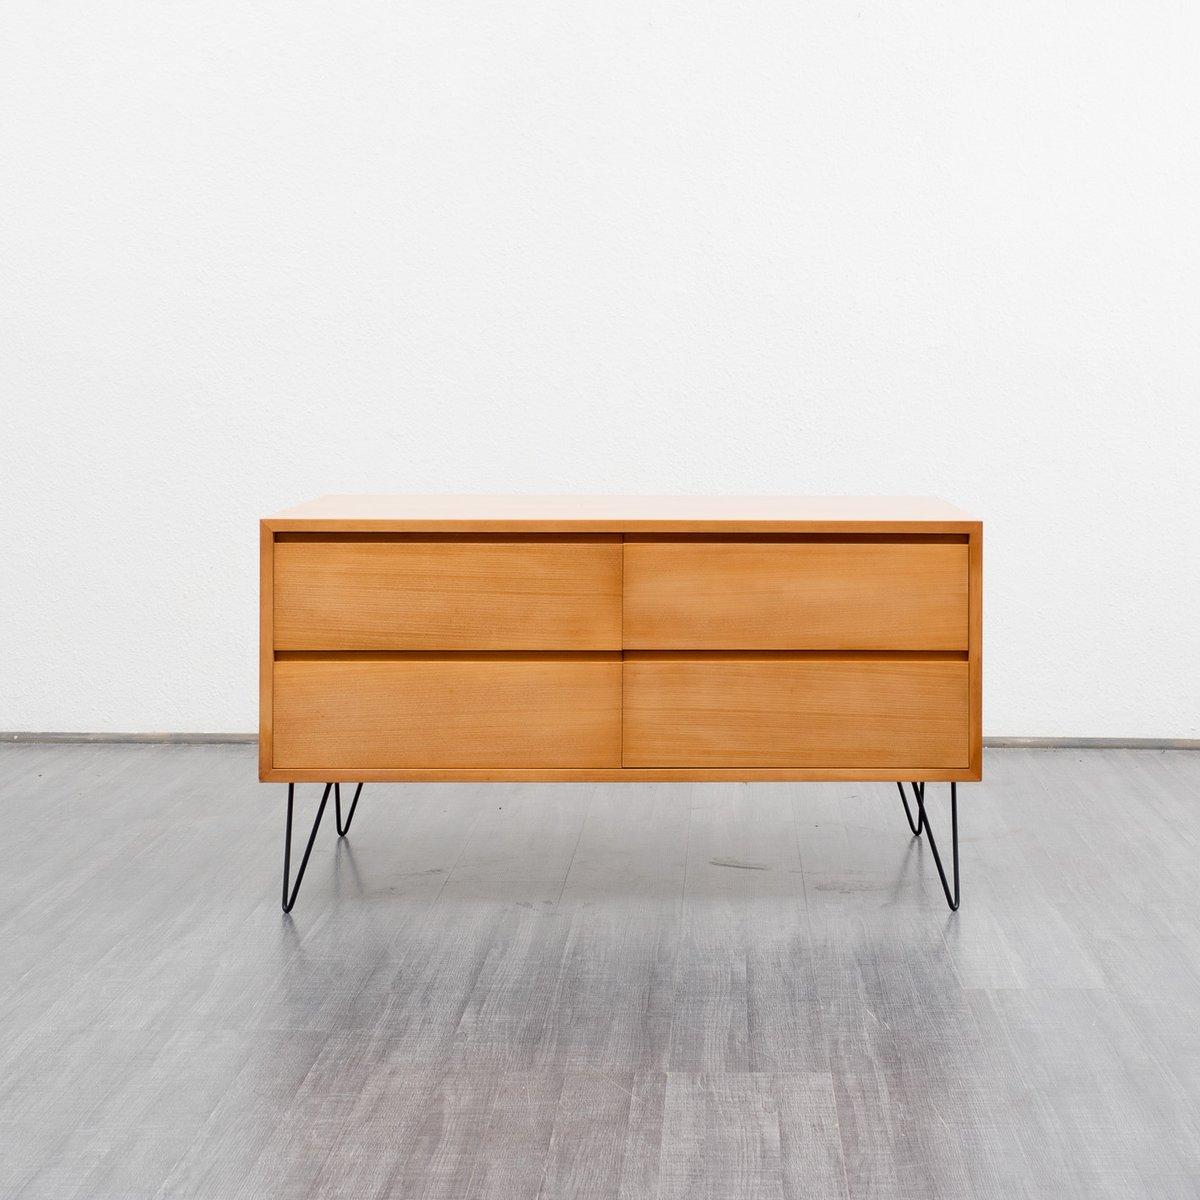 ahorn sideboard mit haarnadel beinen von wk bei pamono kaufen. Black Bedroom Furniture Sets. Home Design Ideas